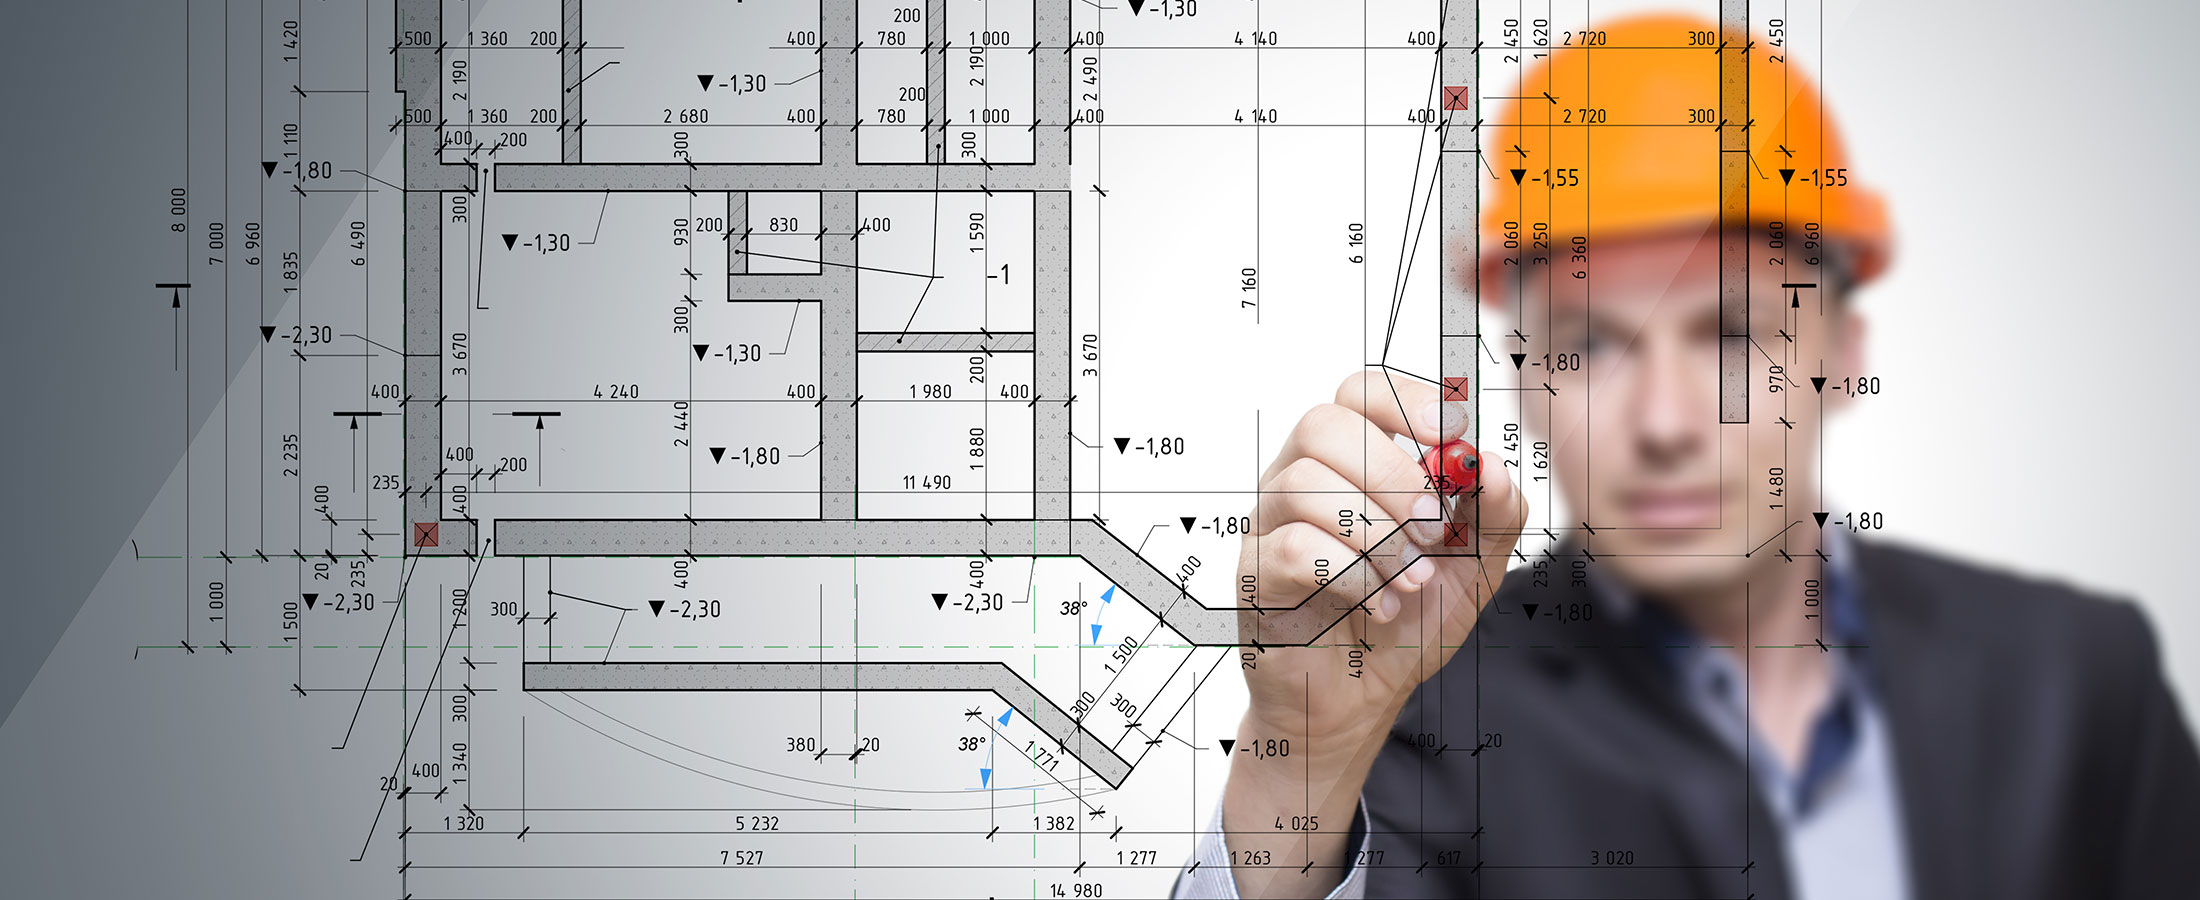 Экспертиза капитальности зданий, строений и сооружений